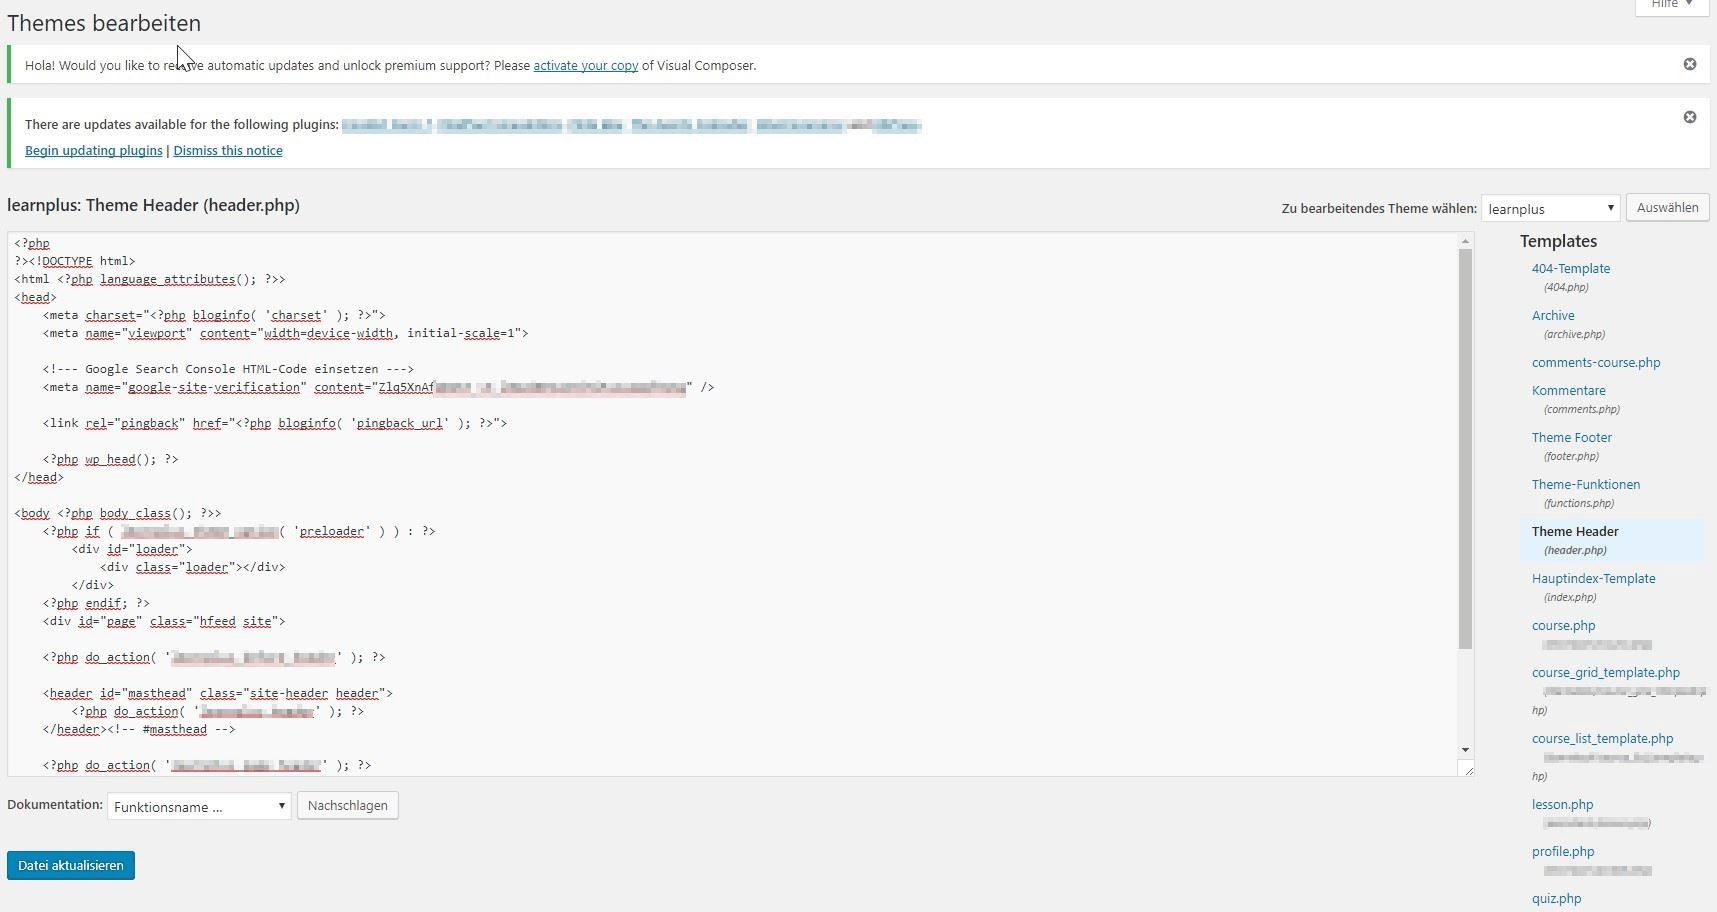 إيداع علامة HTML في كود HTML